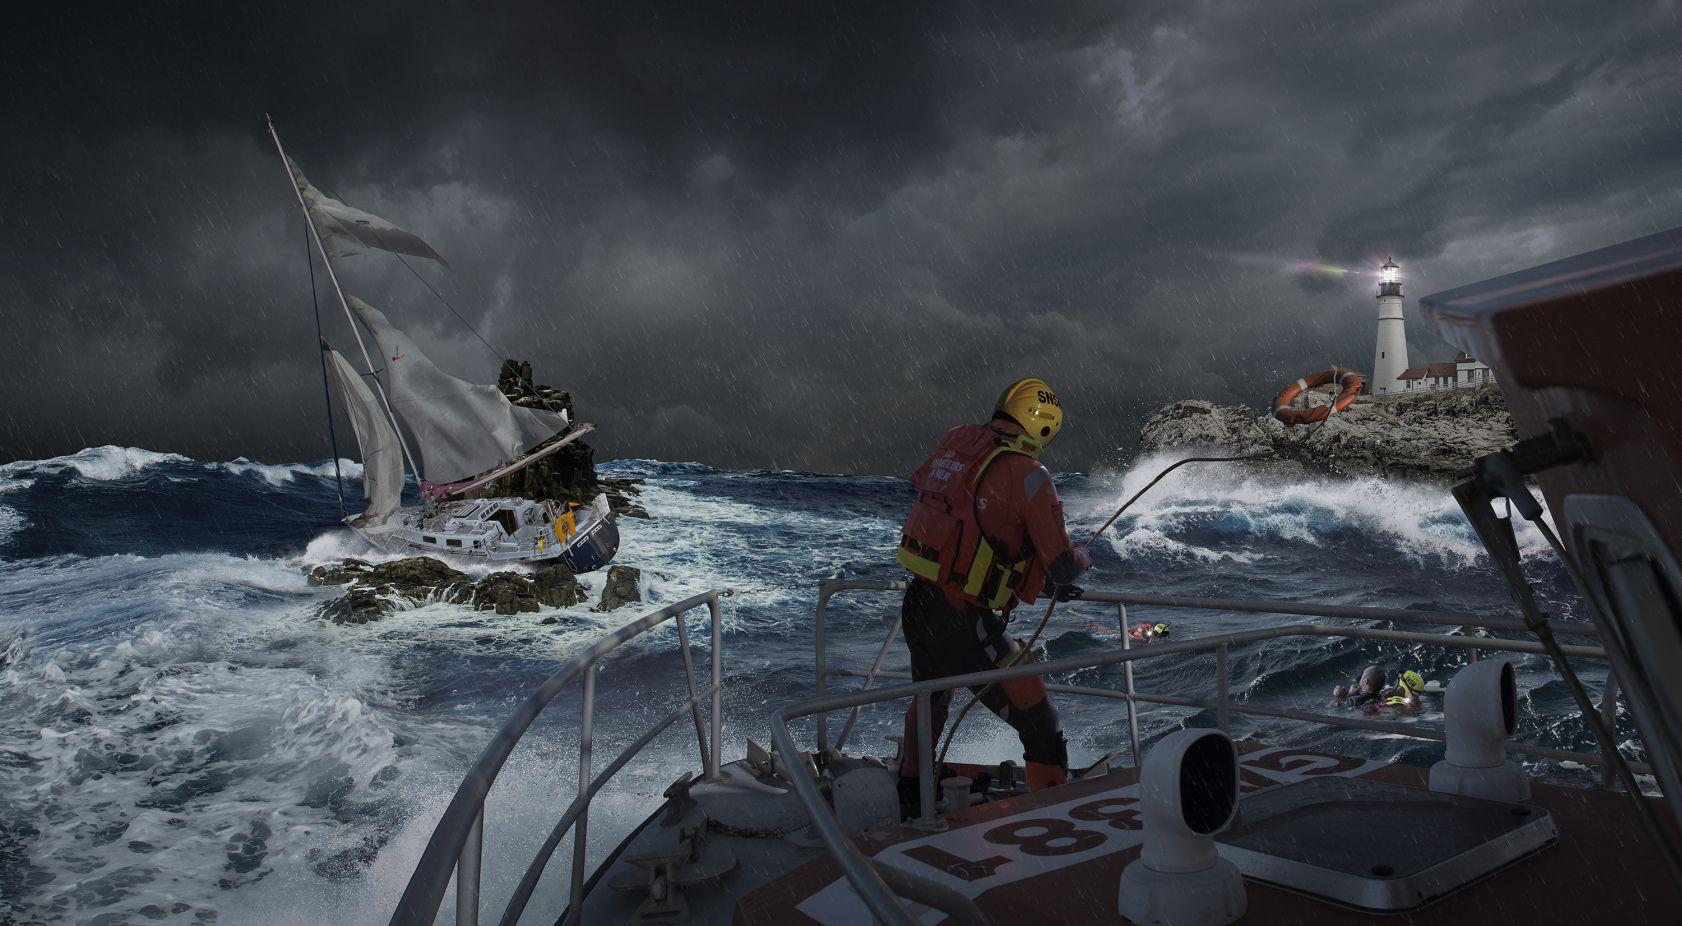 Comment Alerter Les Secours En Mer